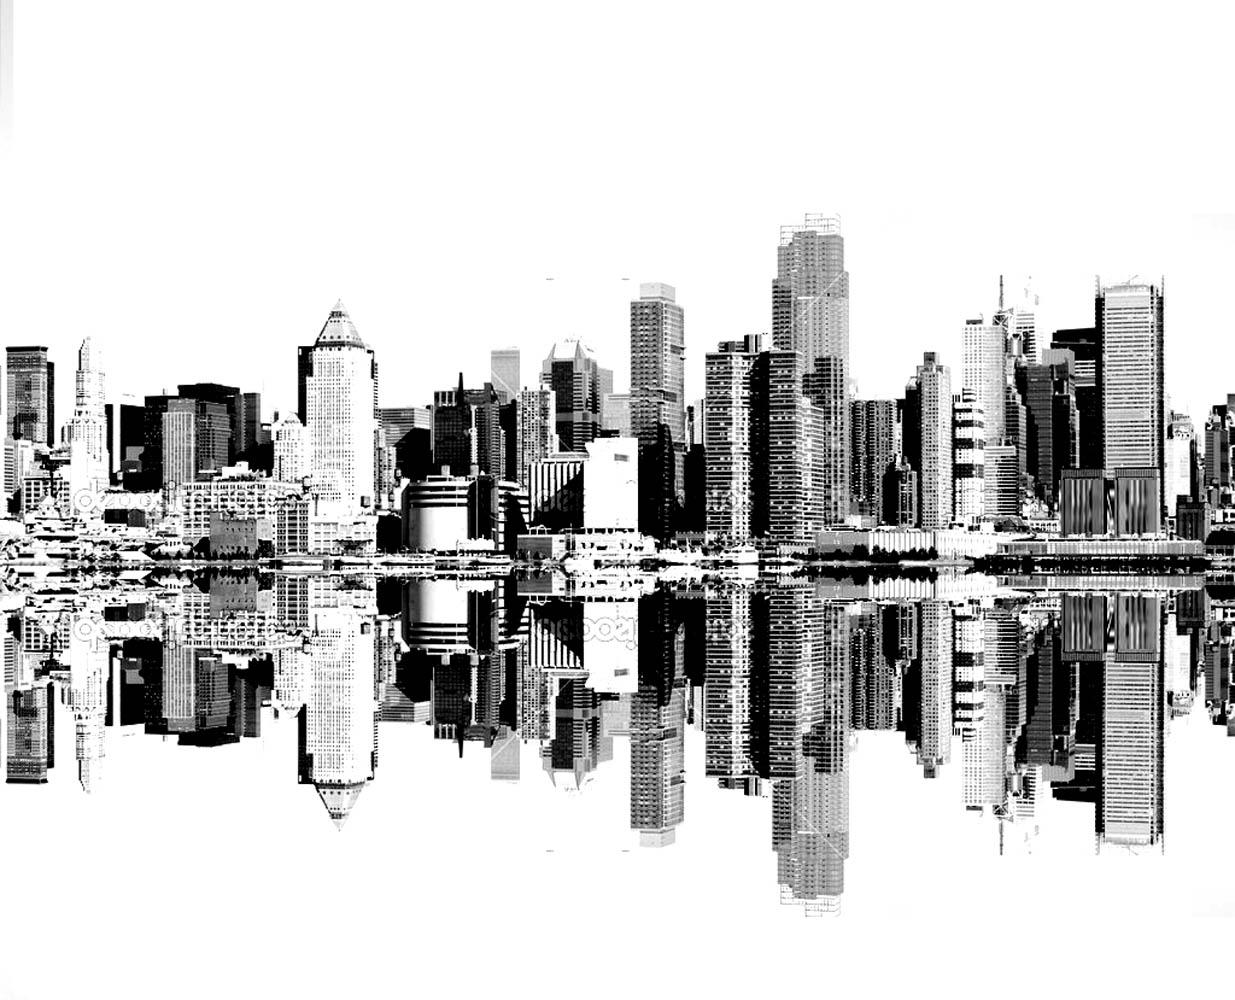 Les Gratte-cliels de New York vu depuis l'autre côté de la rivière Hudson : à imprimer et colorier